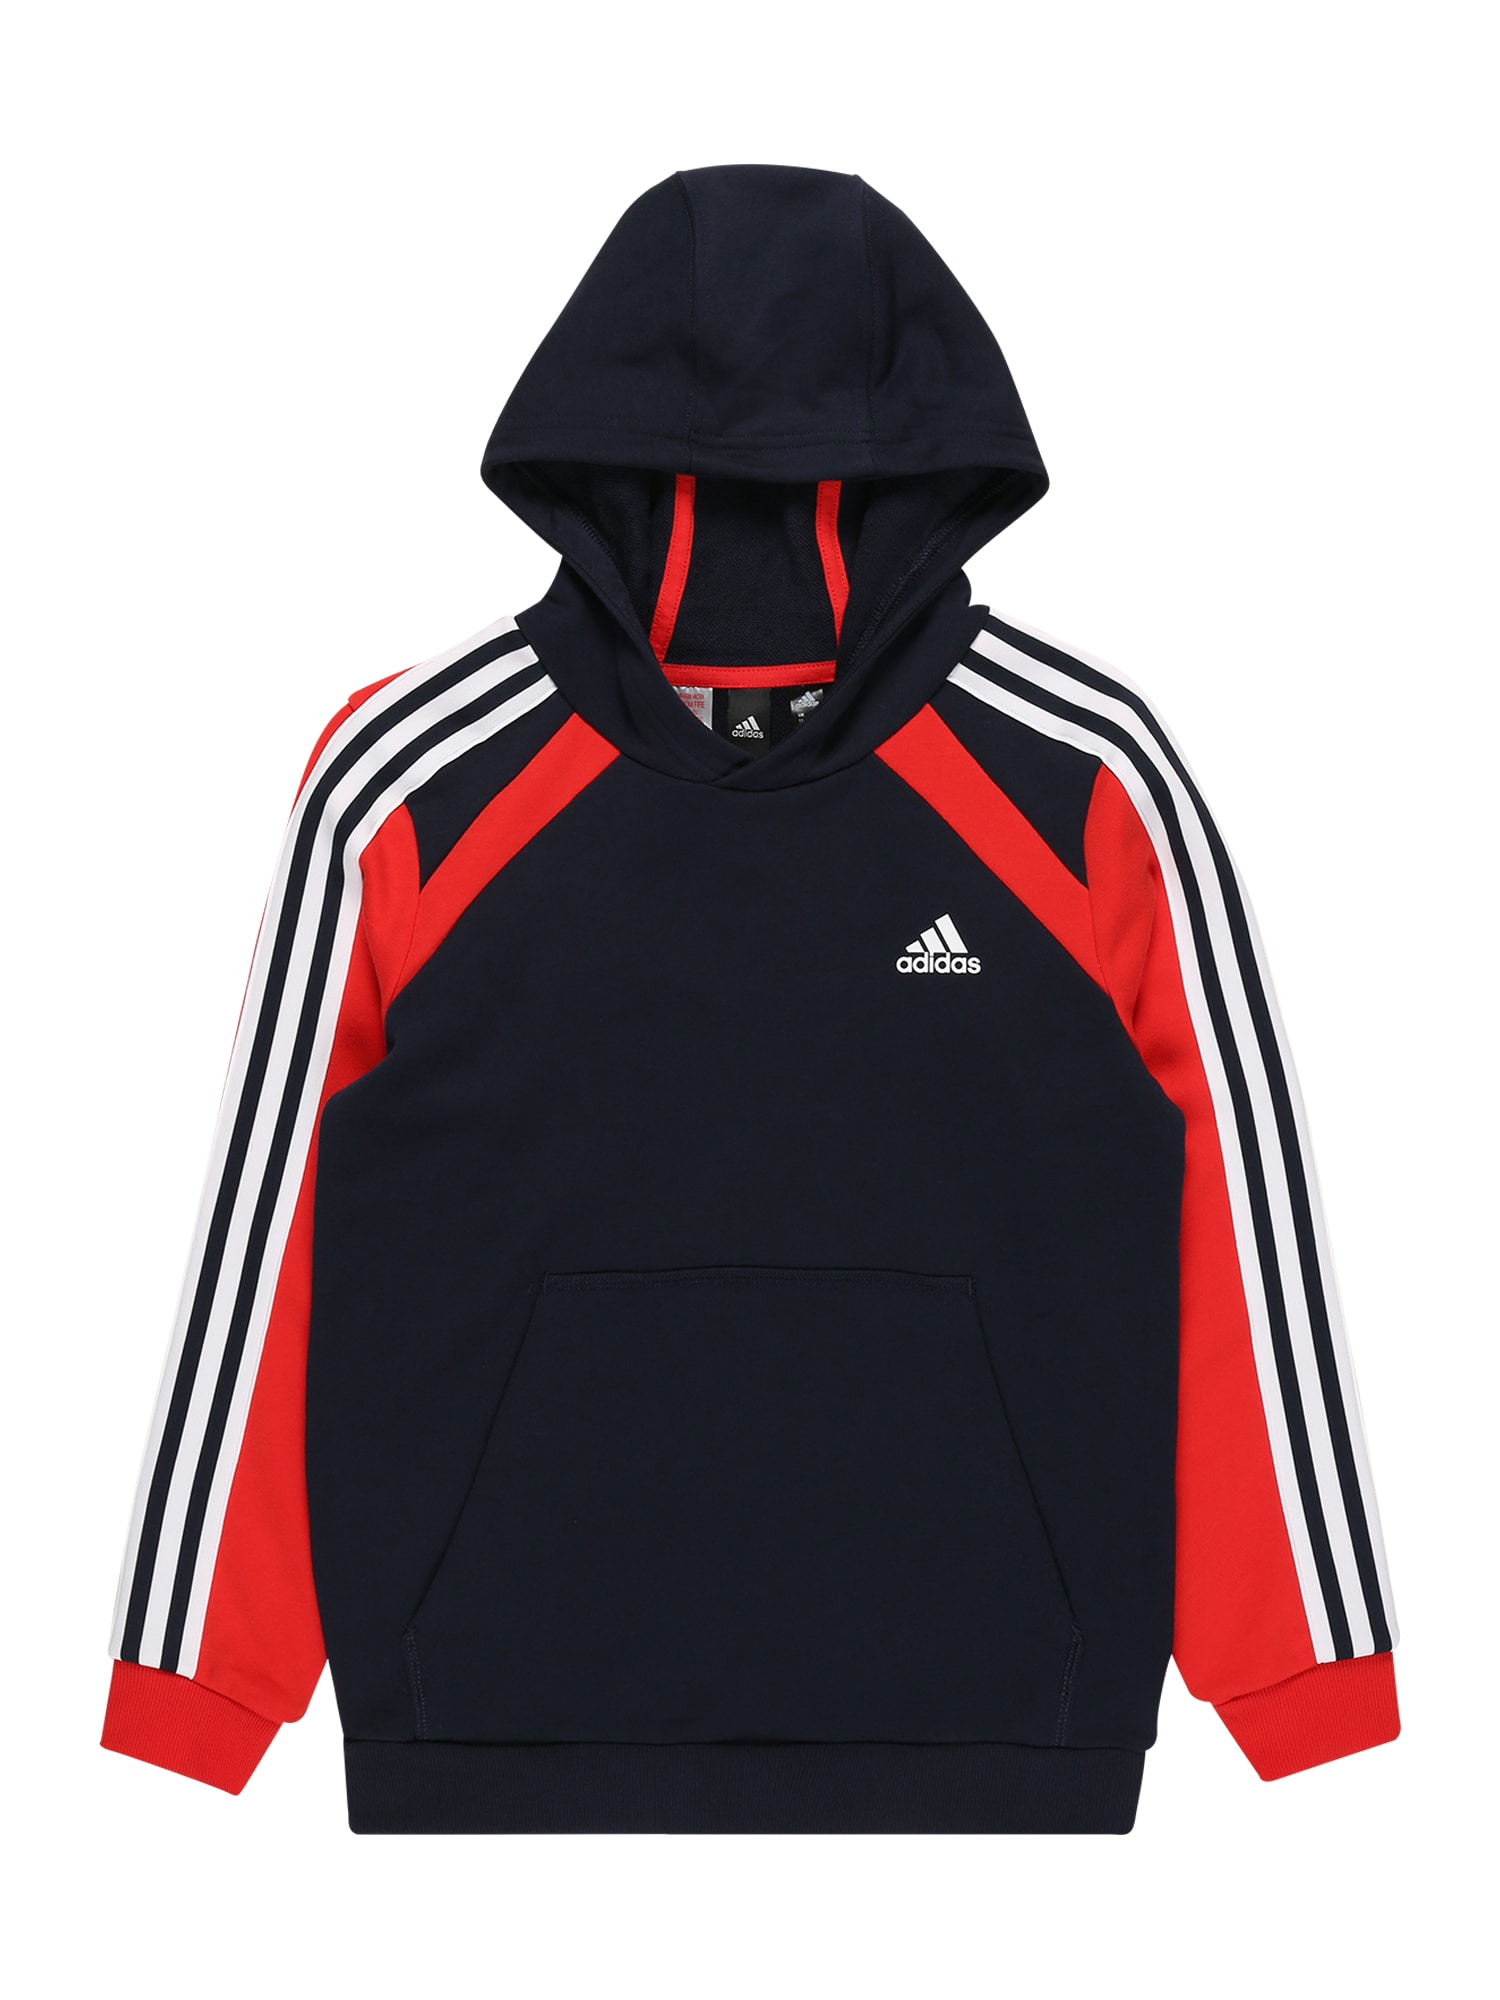 ADIDAS PERFORMANCE Sportinio tipo megztinis tamsiai mėlyna jūros spalva / balta / raudona